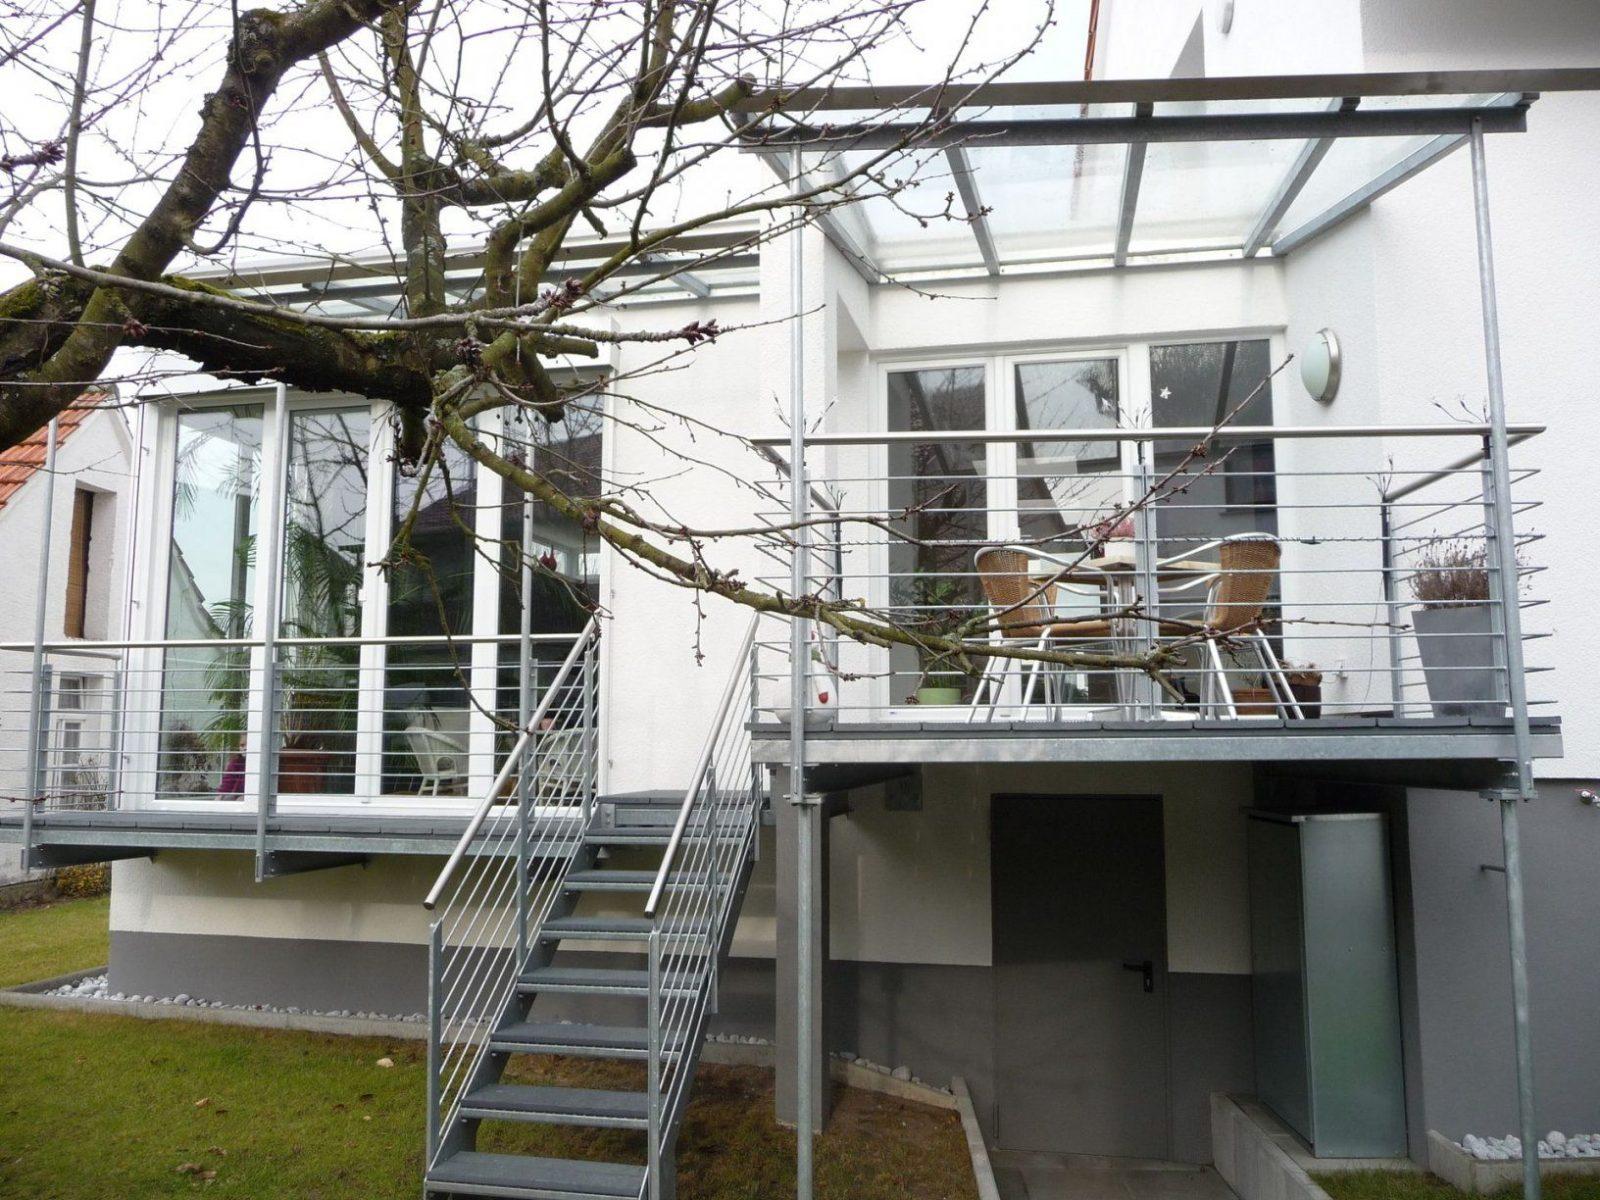 Balkonterrasse Mit Treppe In Den Garten  Bauemotion von Treppe Vom Balkon In Den Garten Photo